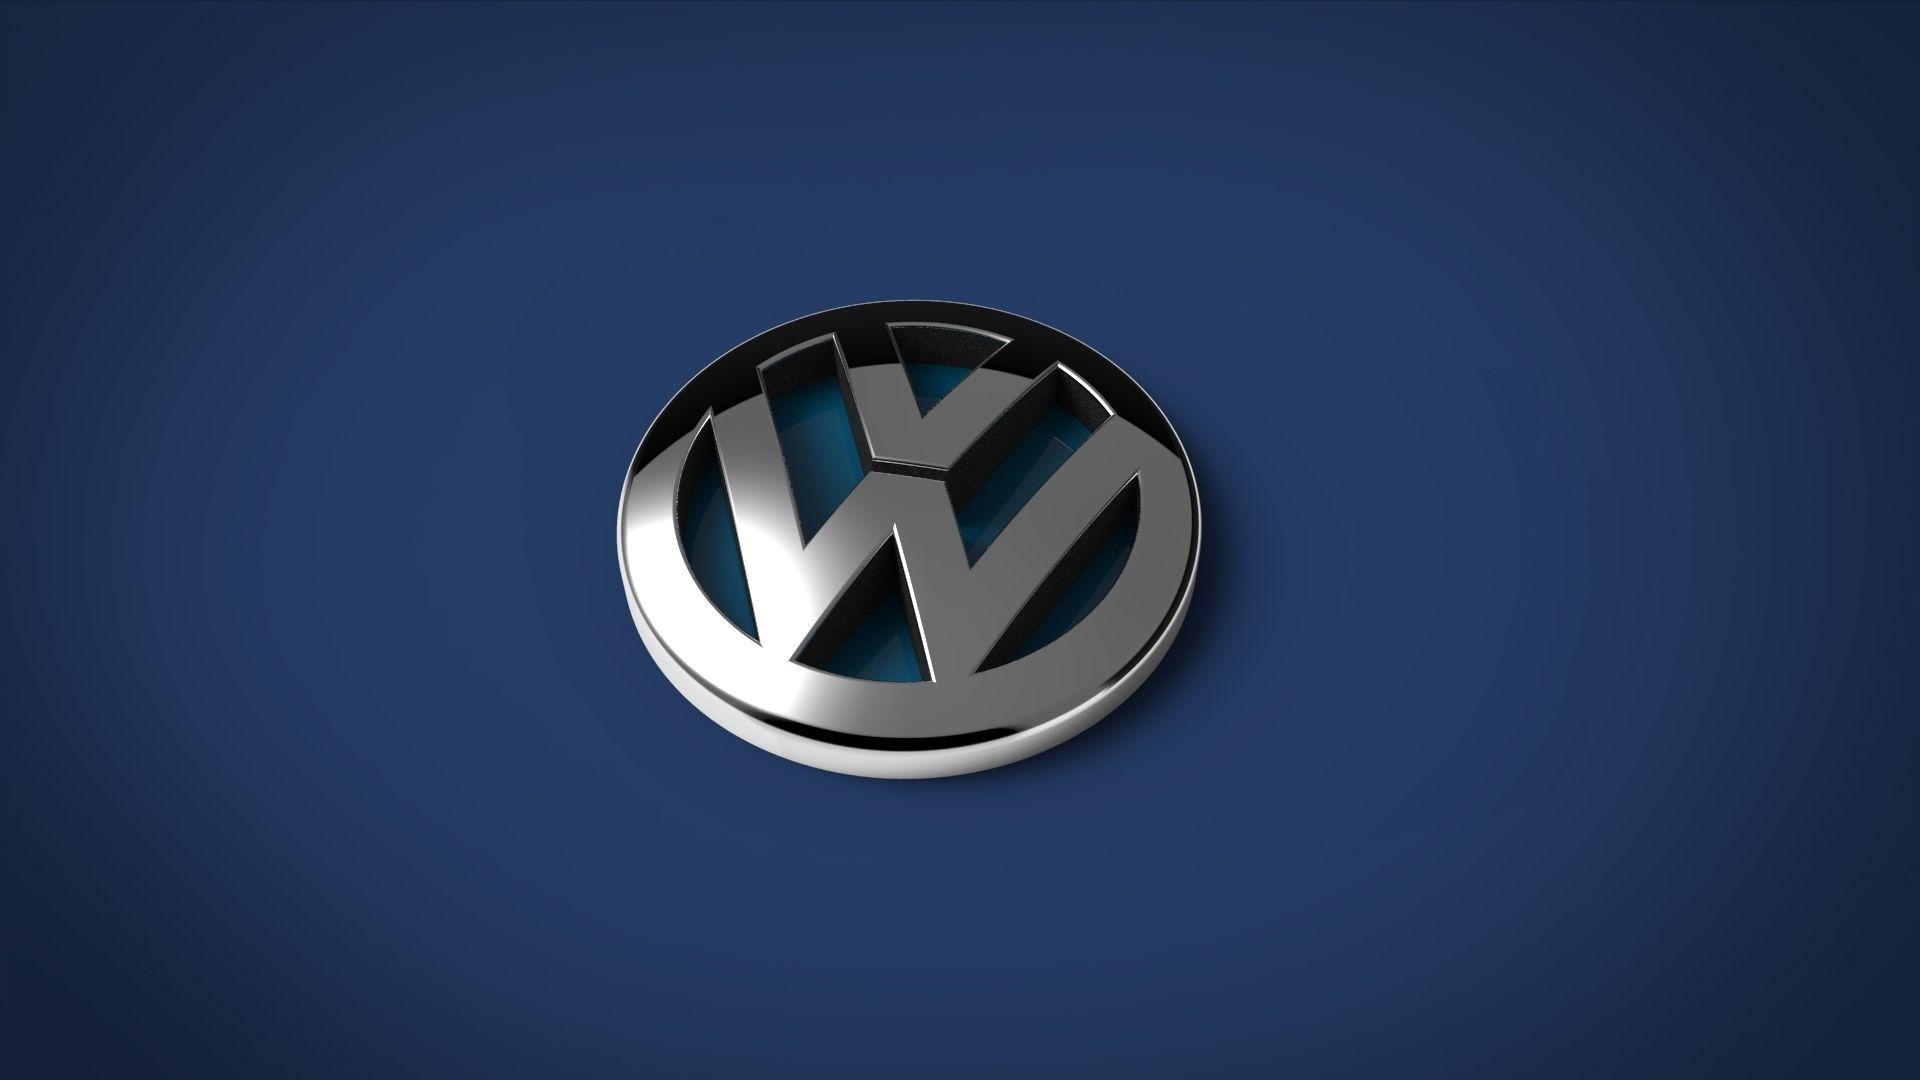 Volkswagen logo free 3d model max 3ds stl sldprt sldasm Free 3d